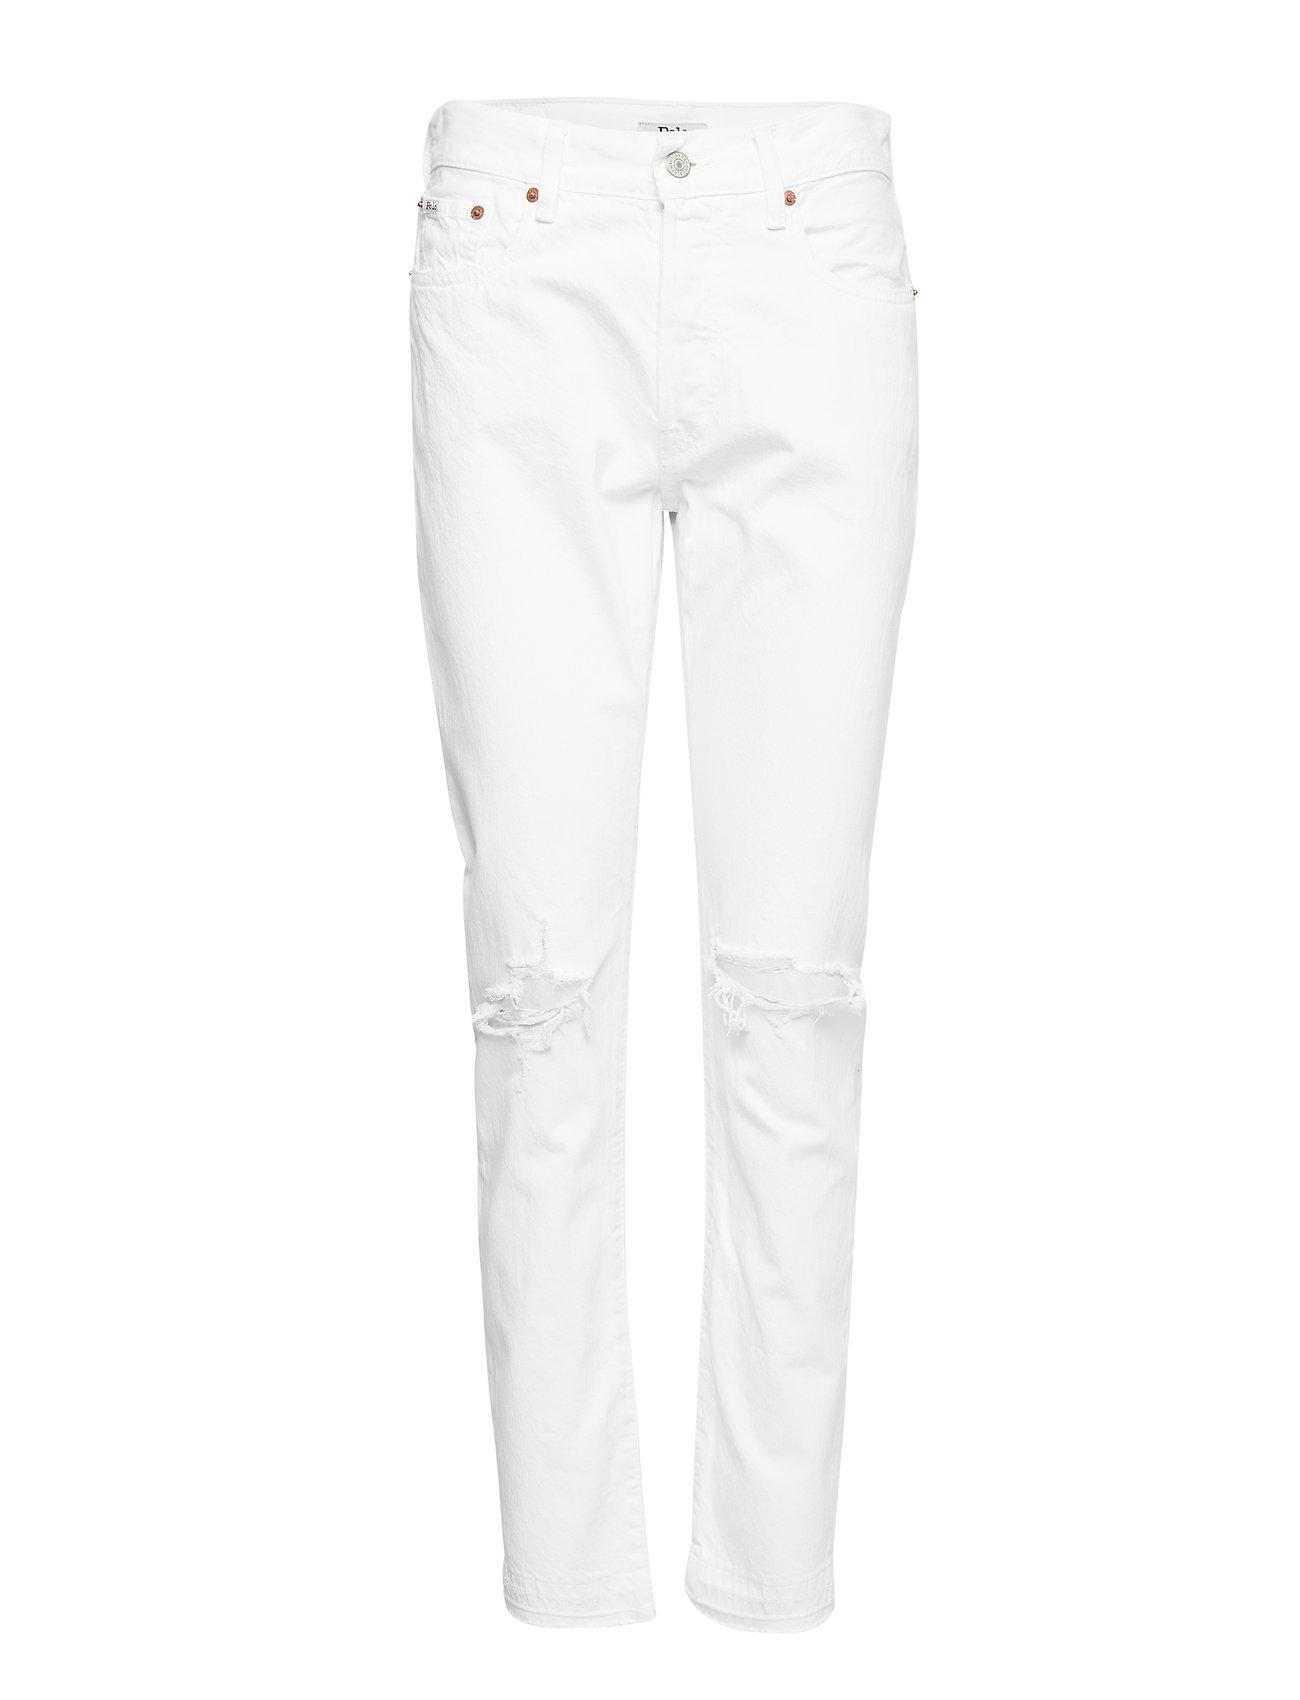 Polo Ralph Lauren The Callen High-Rise Slim Jean - WHITE